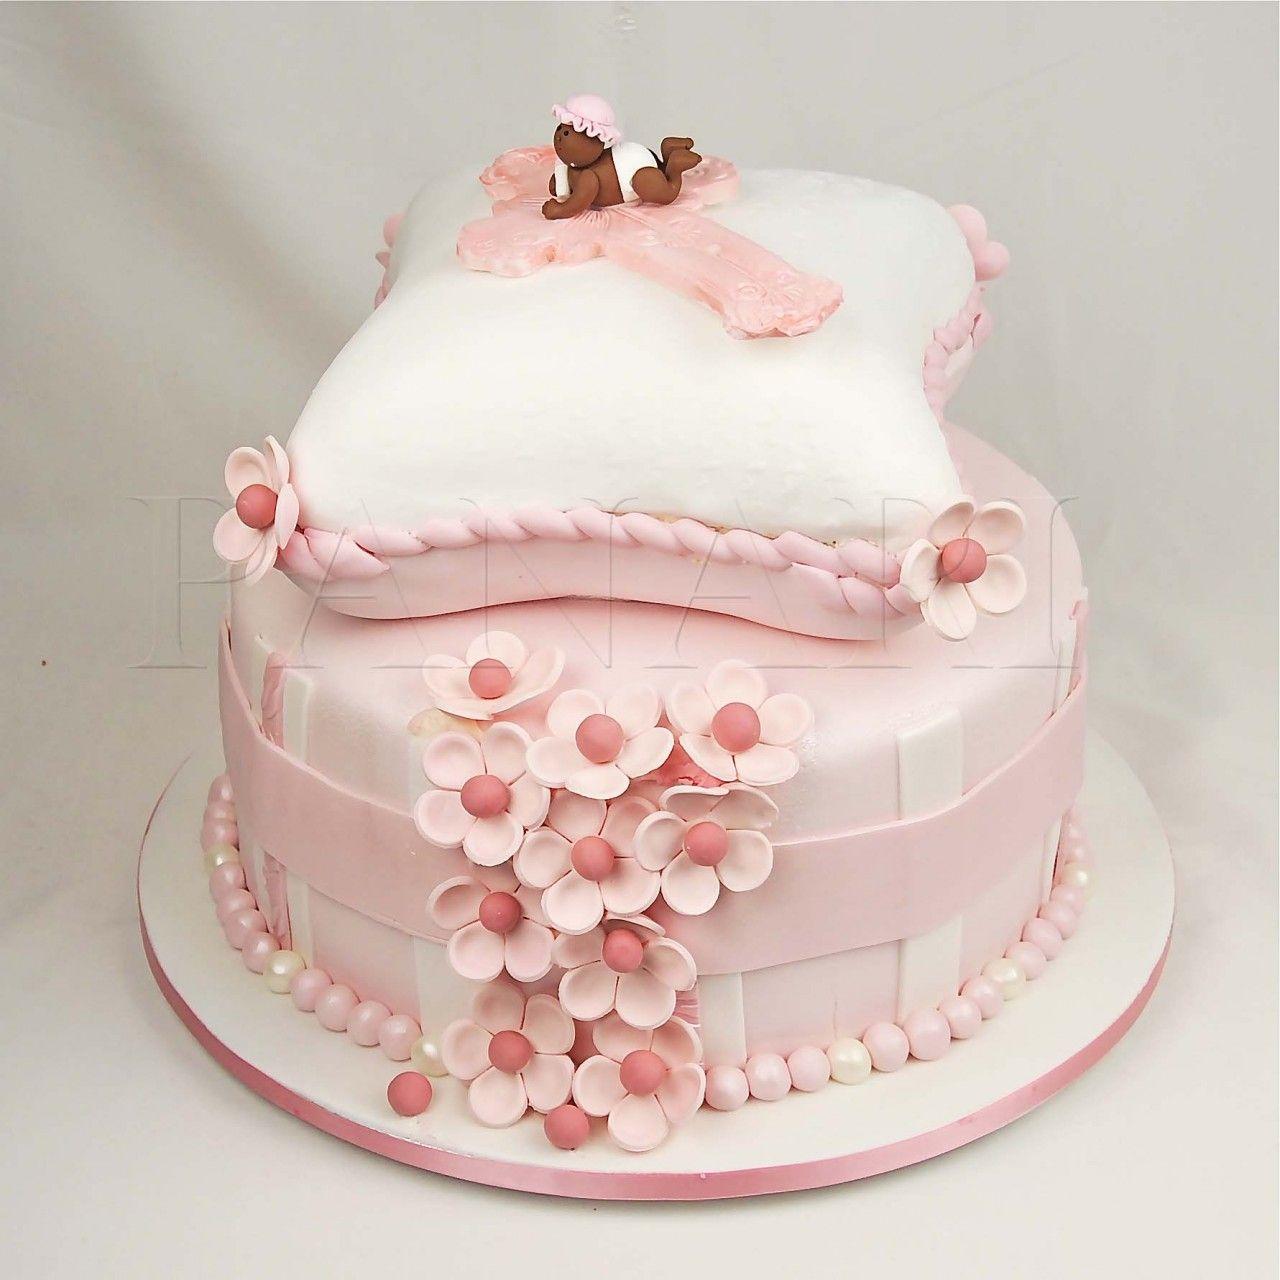 Baby Christening Cake Images : Pillow Christening Cake Cakes Pinterest